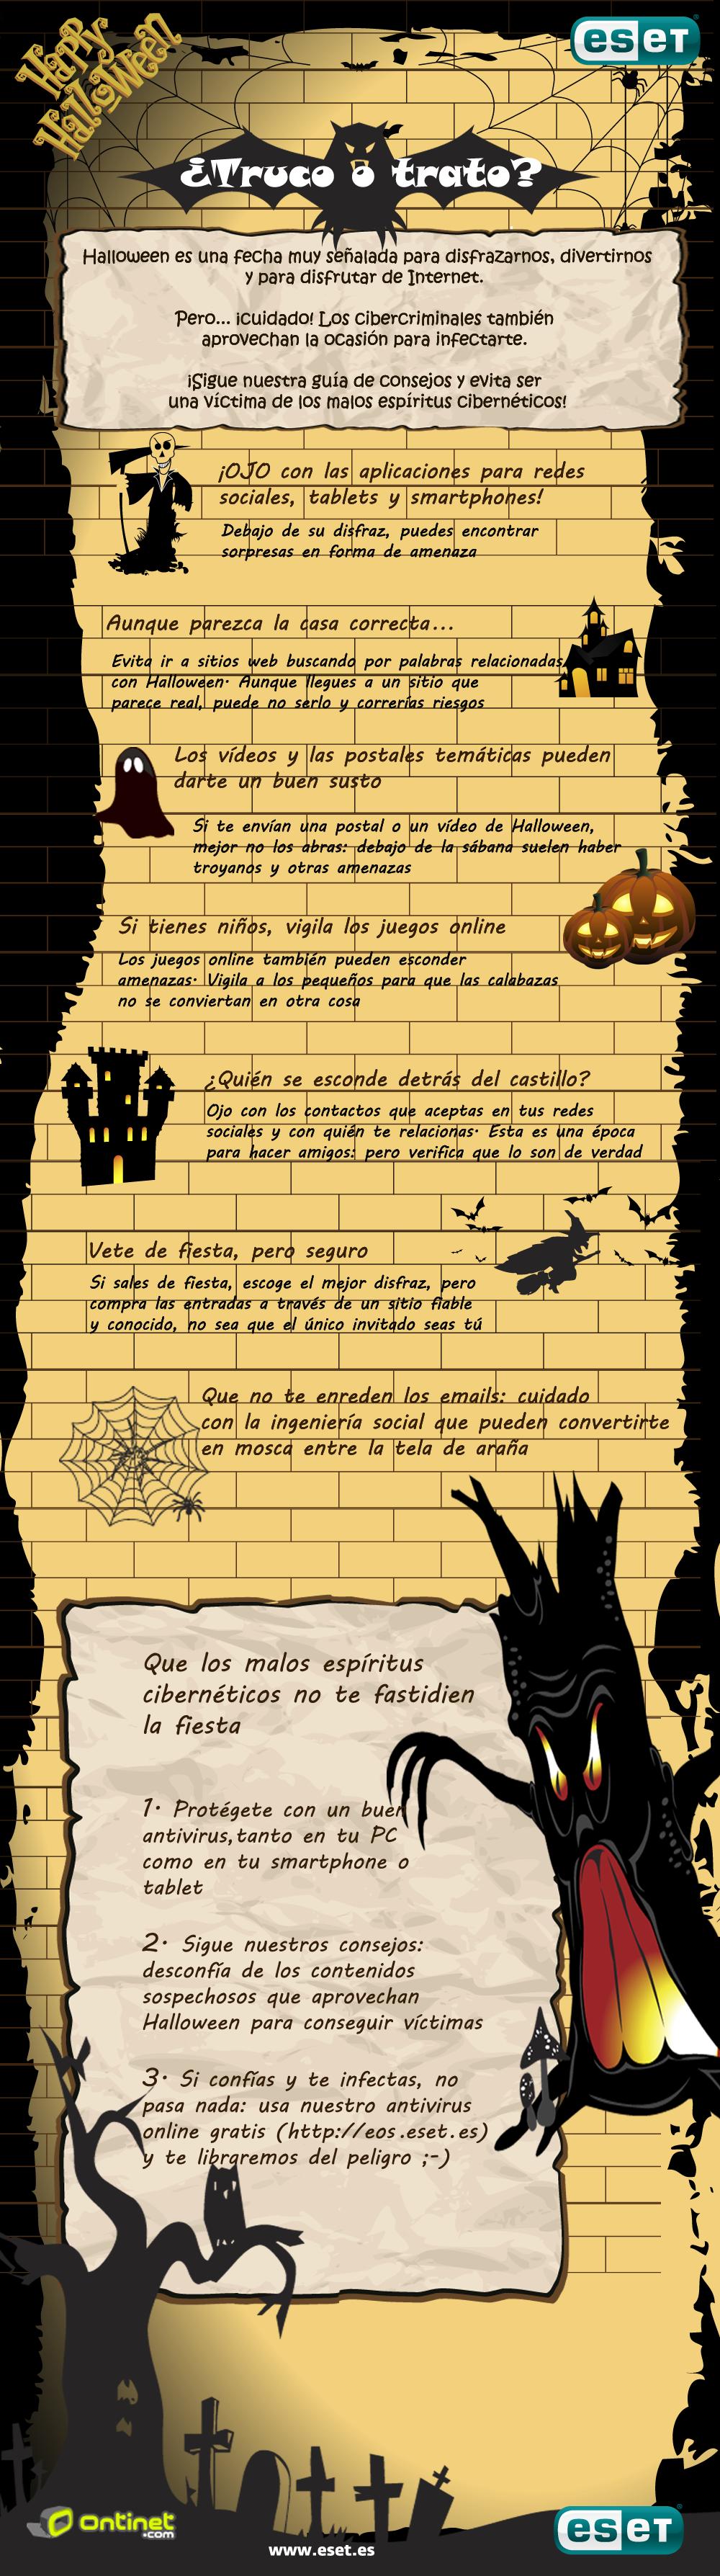 ESET España NOD32 Antivirus - Consejos de seguridad para un Halloween seguro